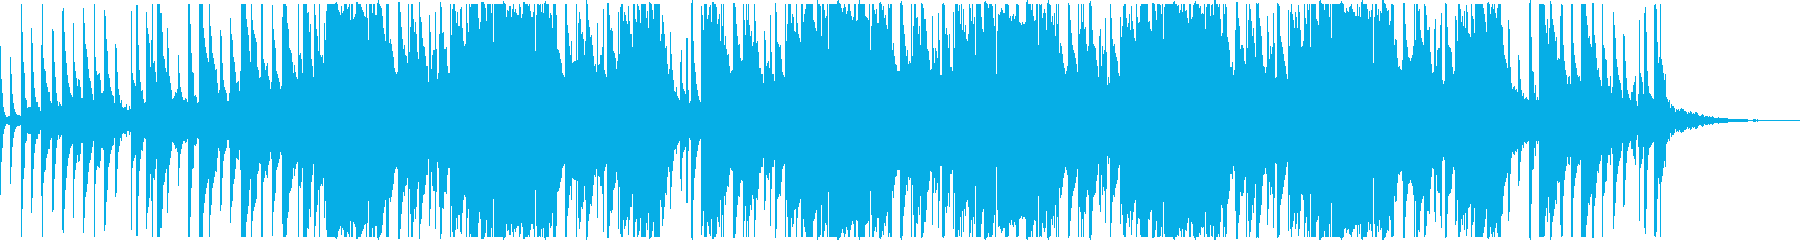 Lo-Fi Hip Hop(ノイズあり)の再生済みの波形